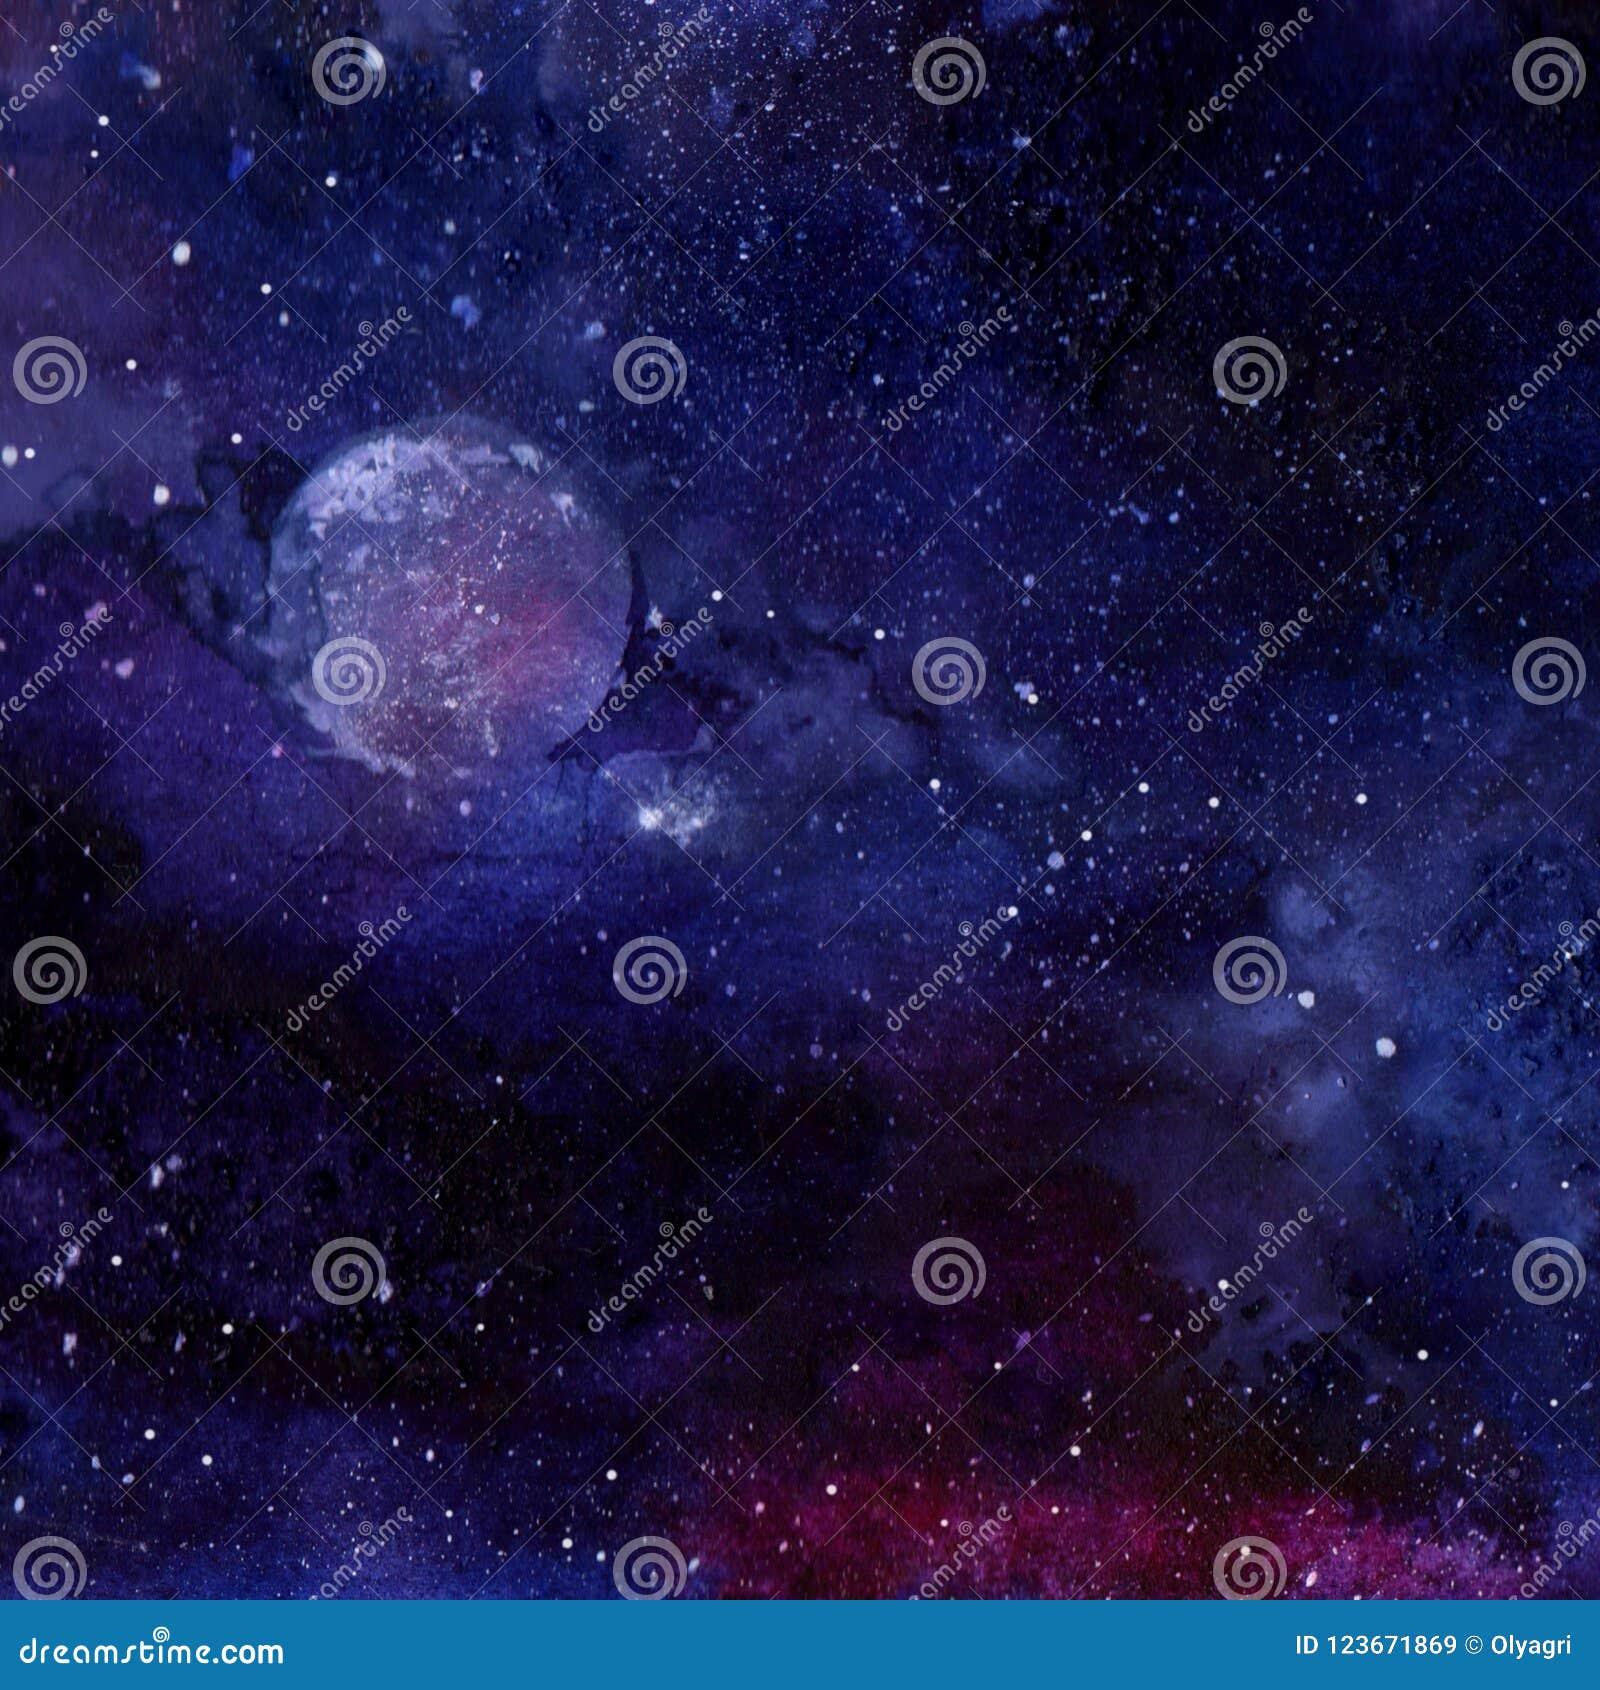 Foto Di Luna E Stelle.Universo Riempito Di Luna E Di Stelle Immagine Stock